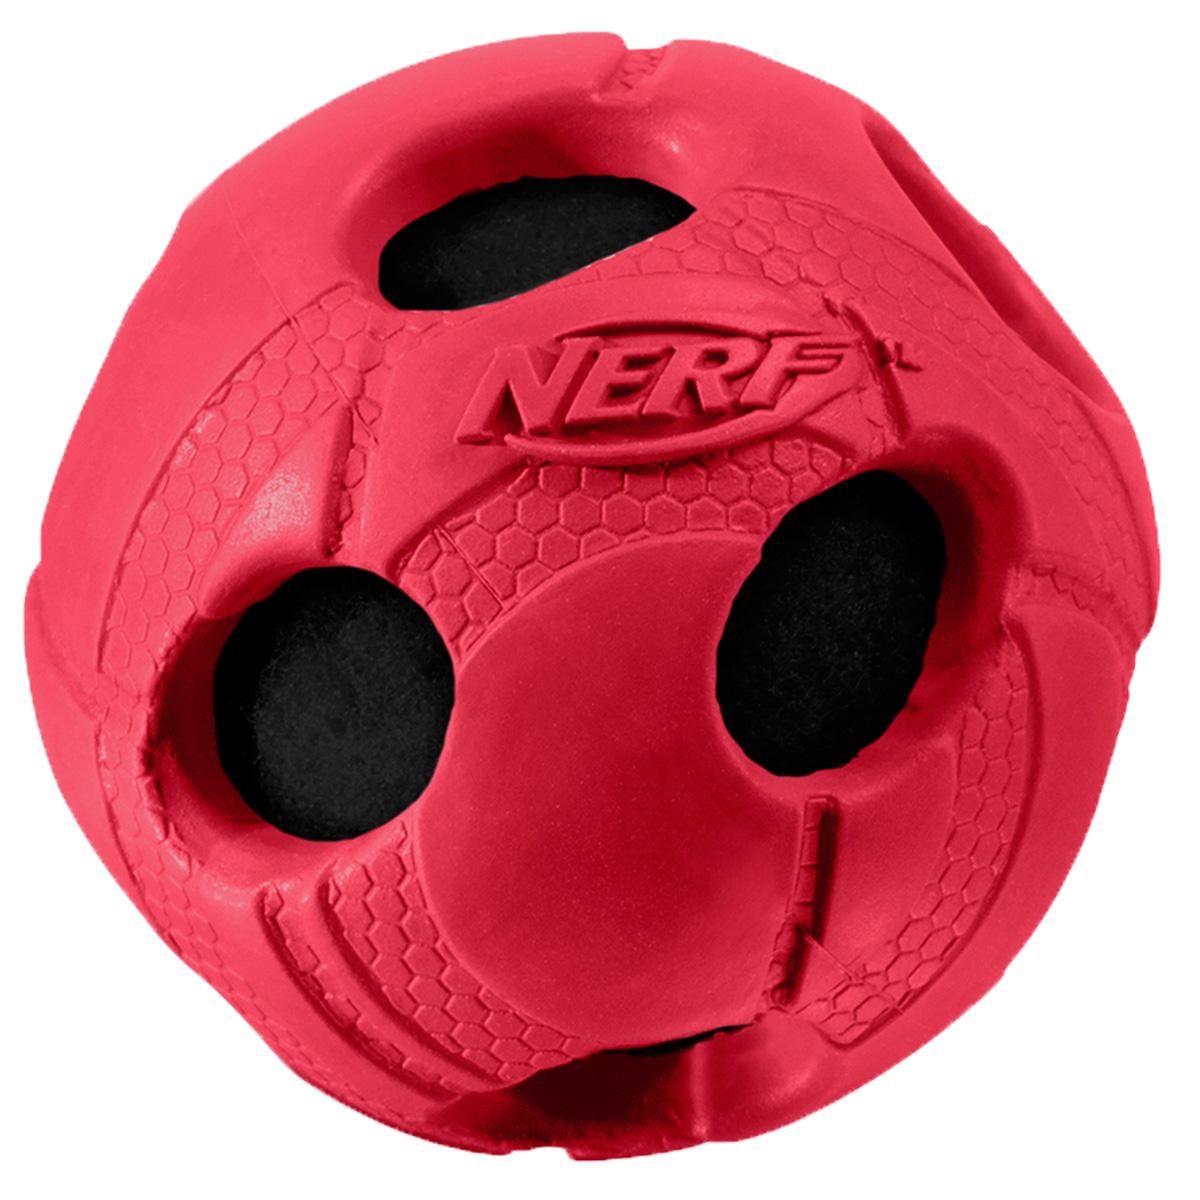 Игрушка для собак Nerf Мяч, с отверстиями, цвет: красный, 9 см0120710Мяч Nerf из прочной резины с теннисным мячом внутри.Высококачественные прочные материалы, из которых изготовлена игрушка, обеспечивают долговечность использования.Звук мяча дополнительно увлекает собаку игрой.Мяч имеет яркие привлекательные цвета и рельефный рисунок.Размер L: 9 см.